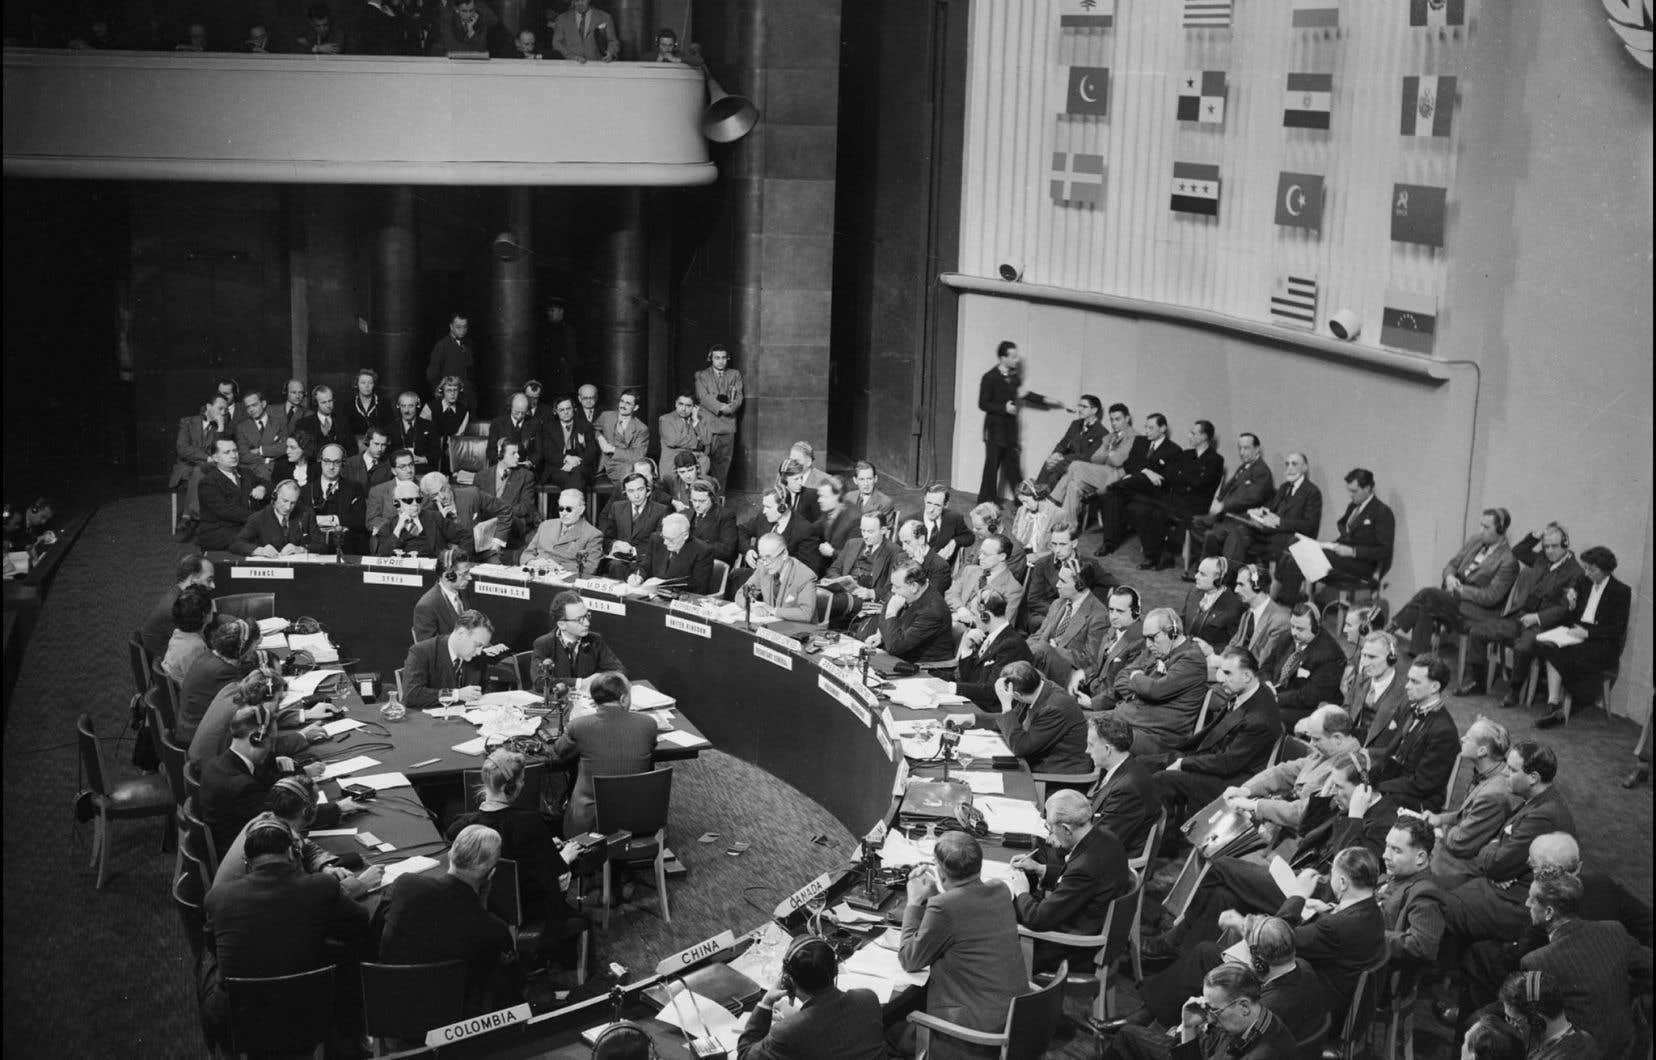 La Déclaration universelle des droits de l'homme a été adoptée lors de la troisième session de l'Assemblée générale des Nations unies, qui s'est déroulée entre septembre et décembre 1948, au palais Chaillot, à Paris.